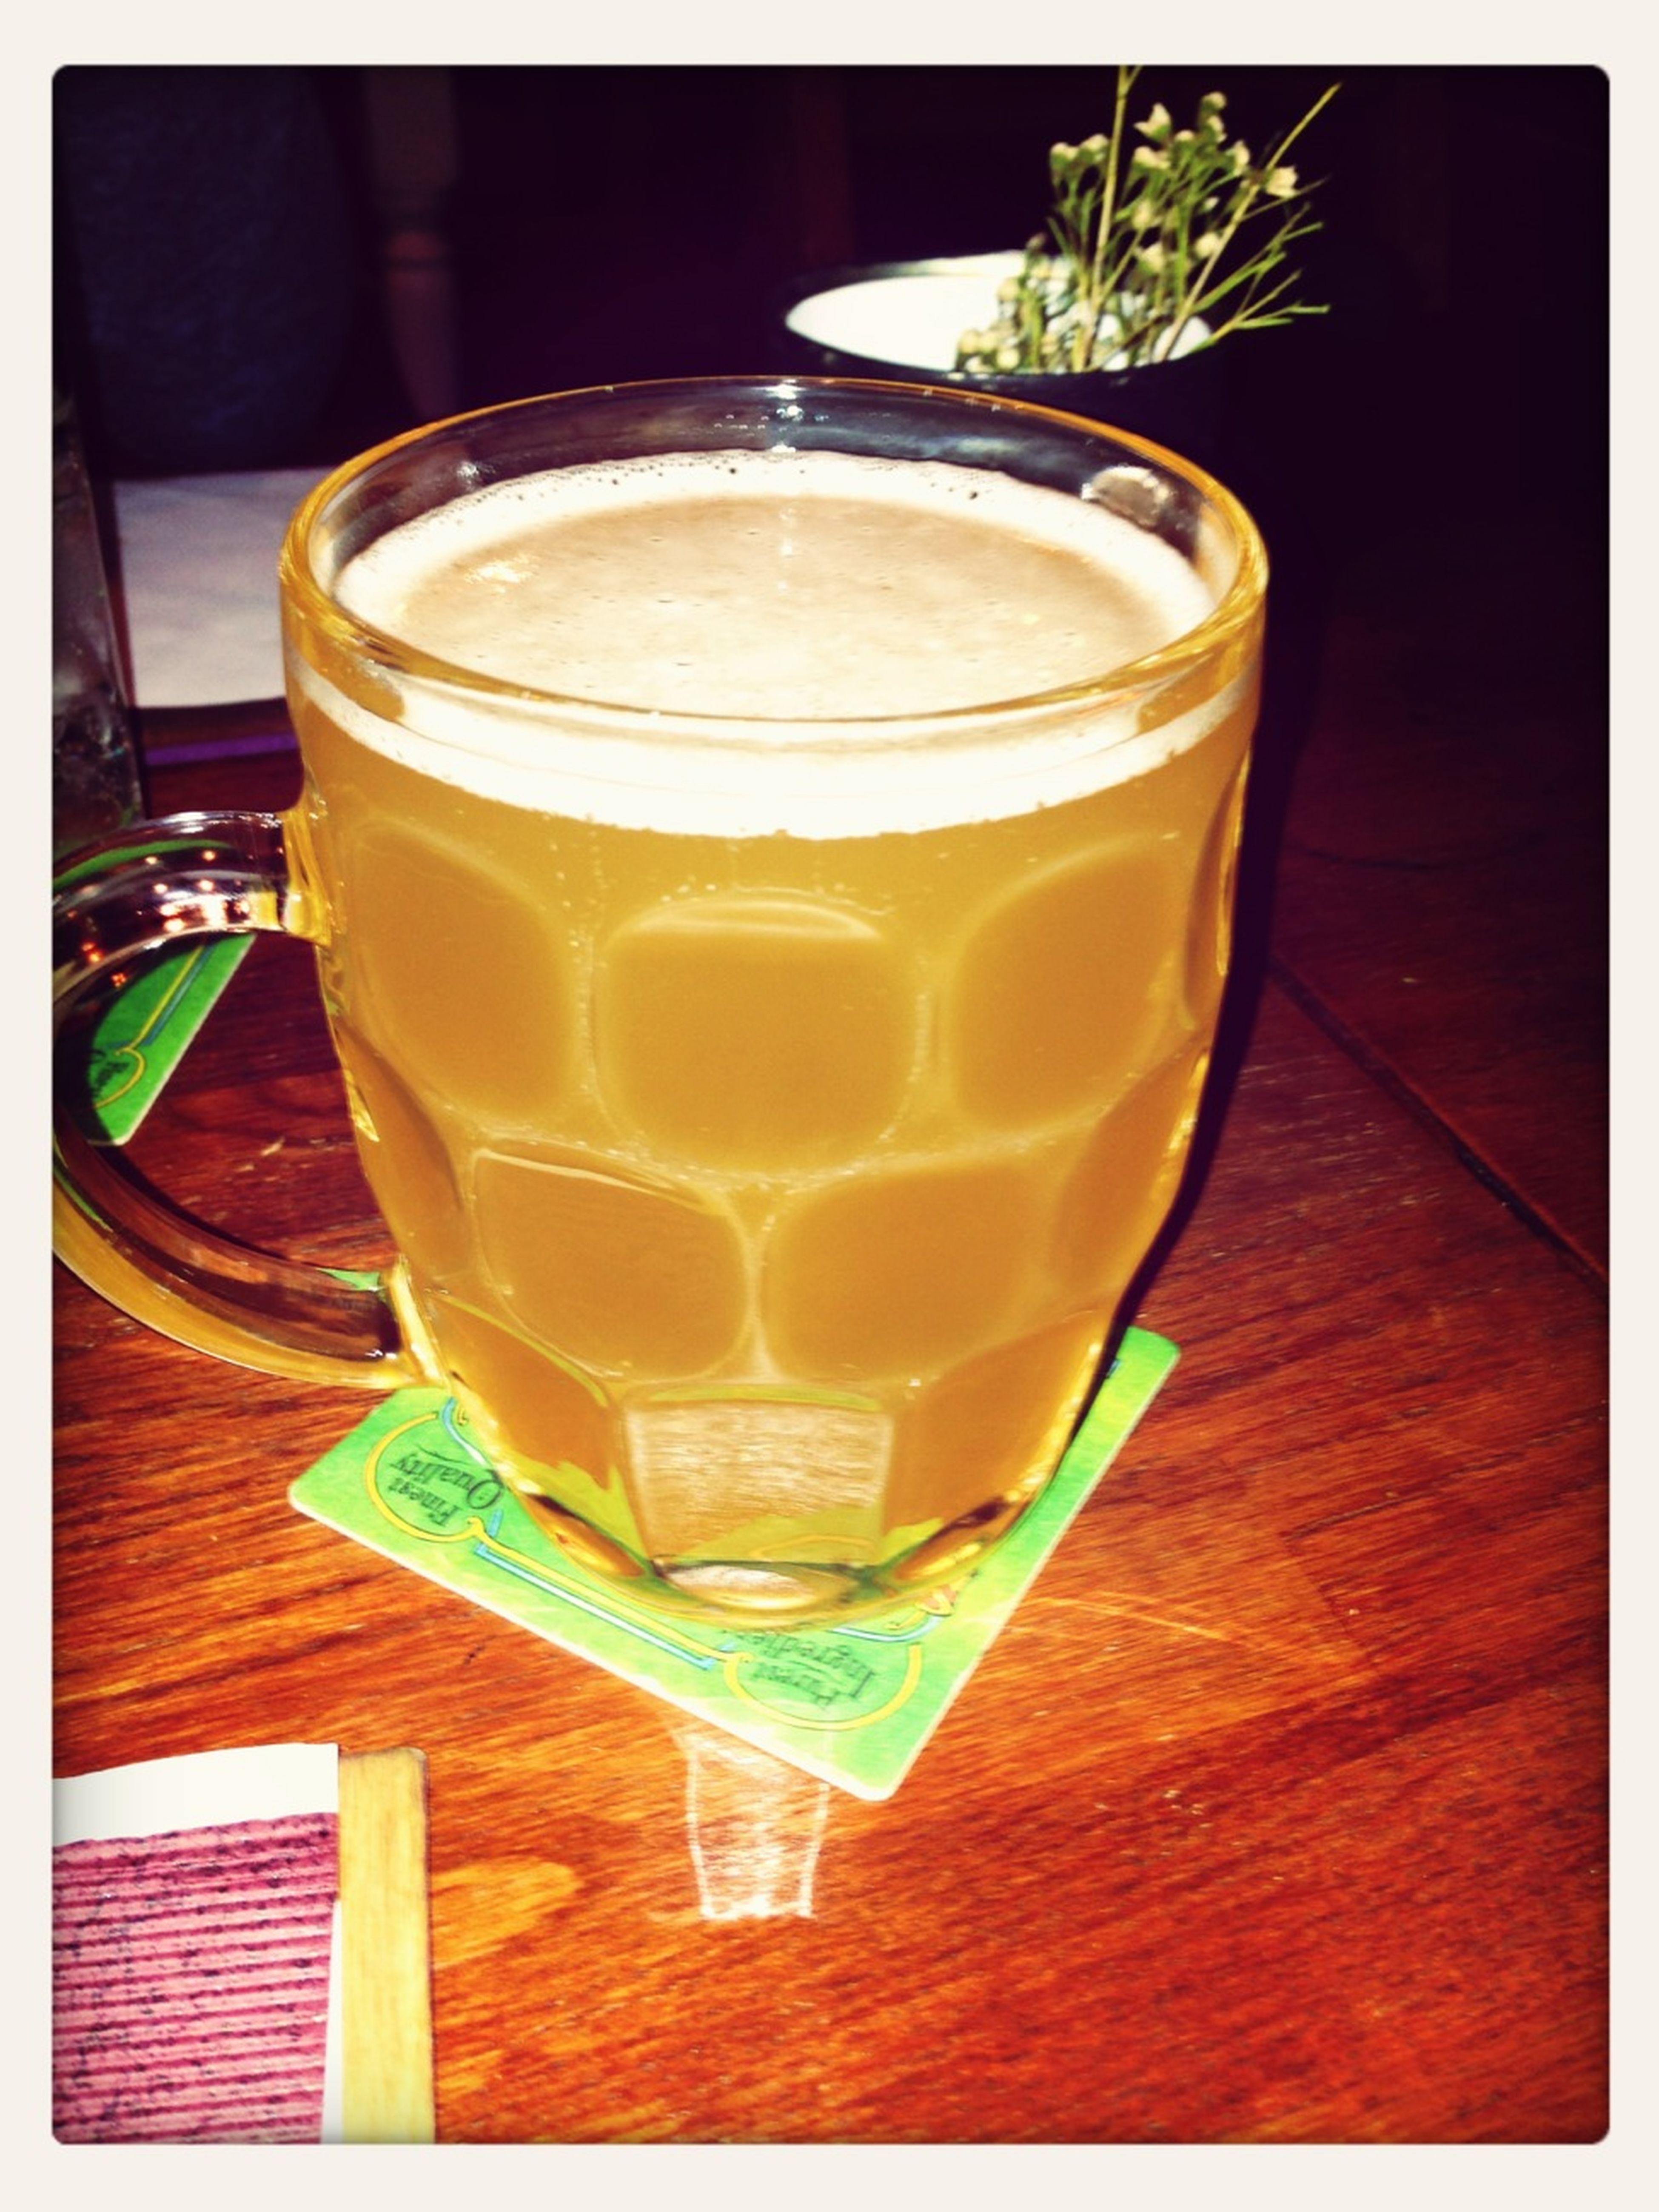 Cask Cider